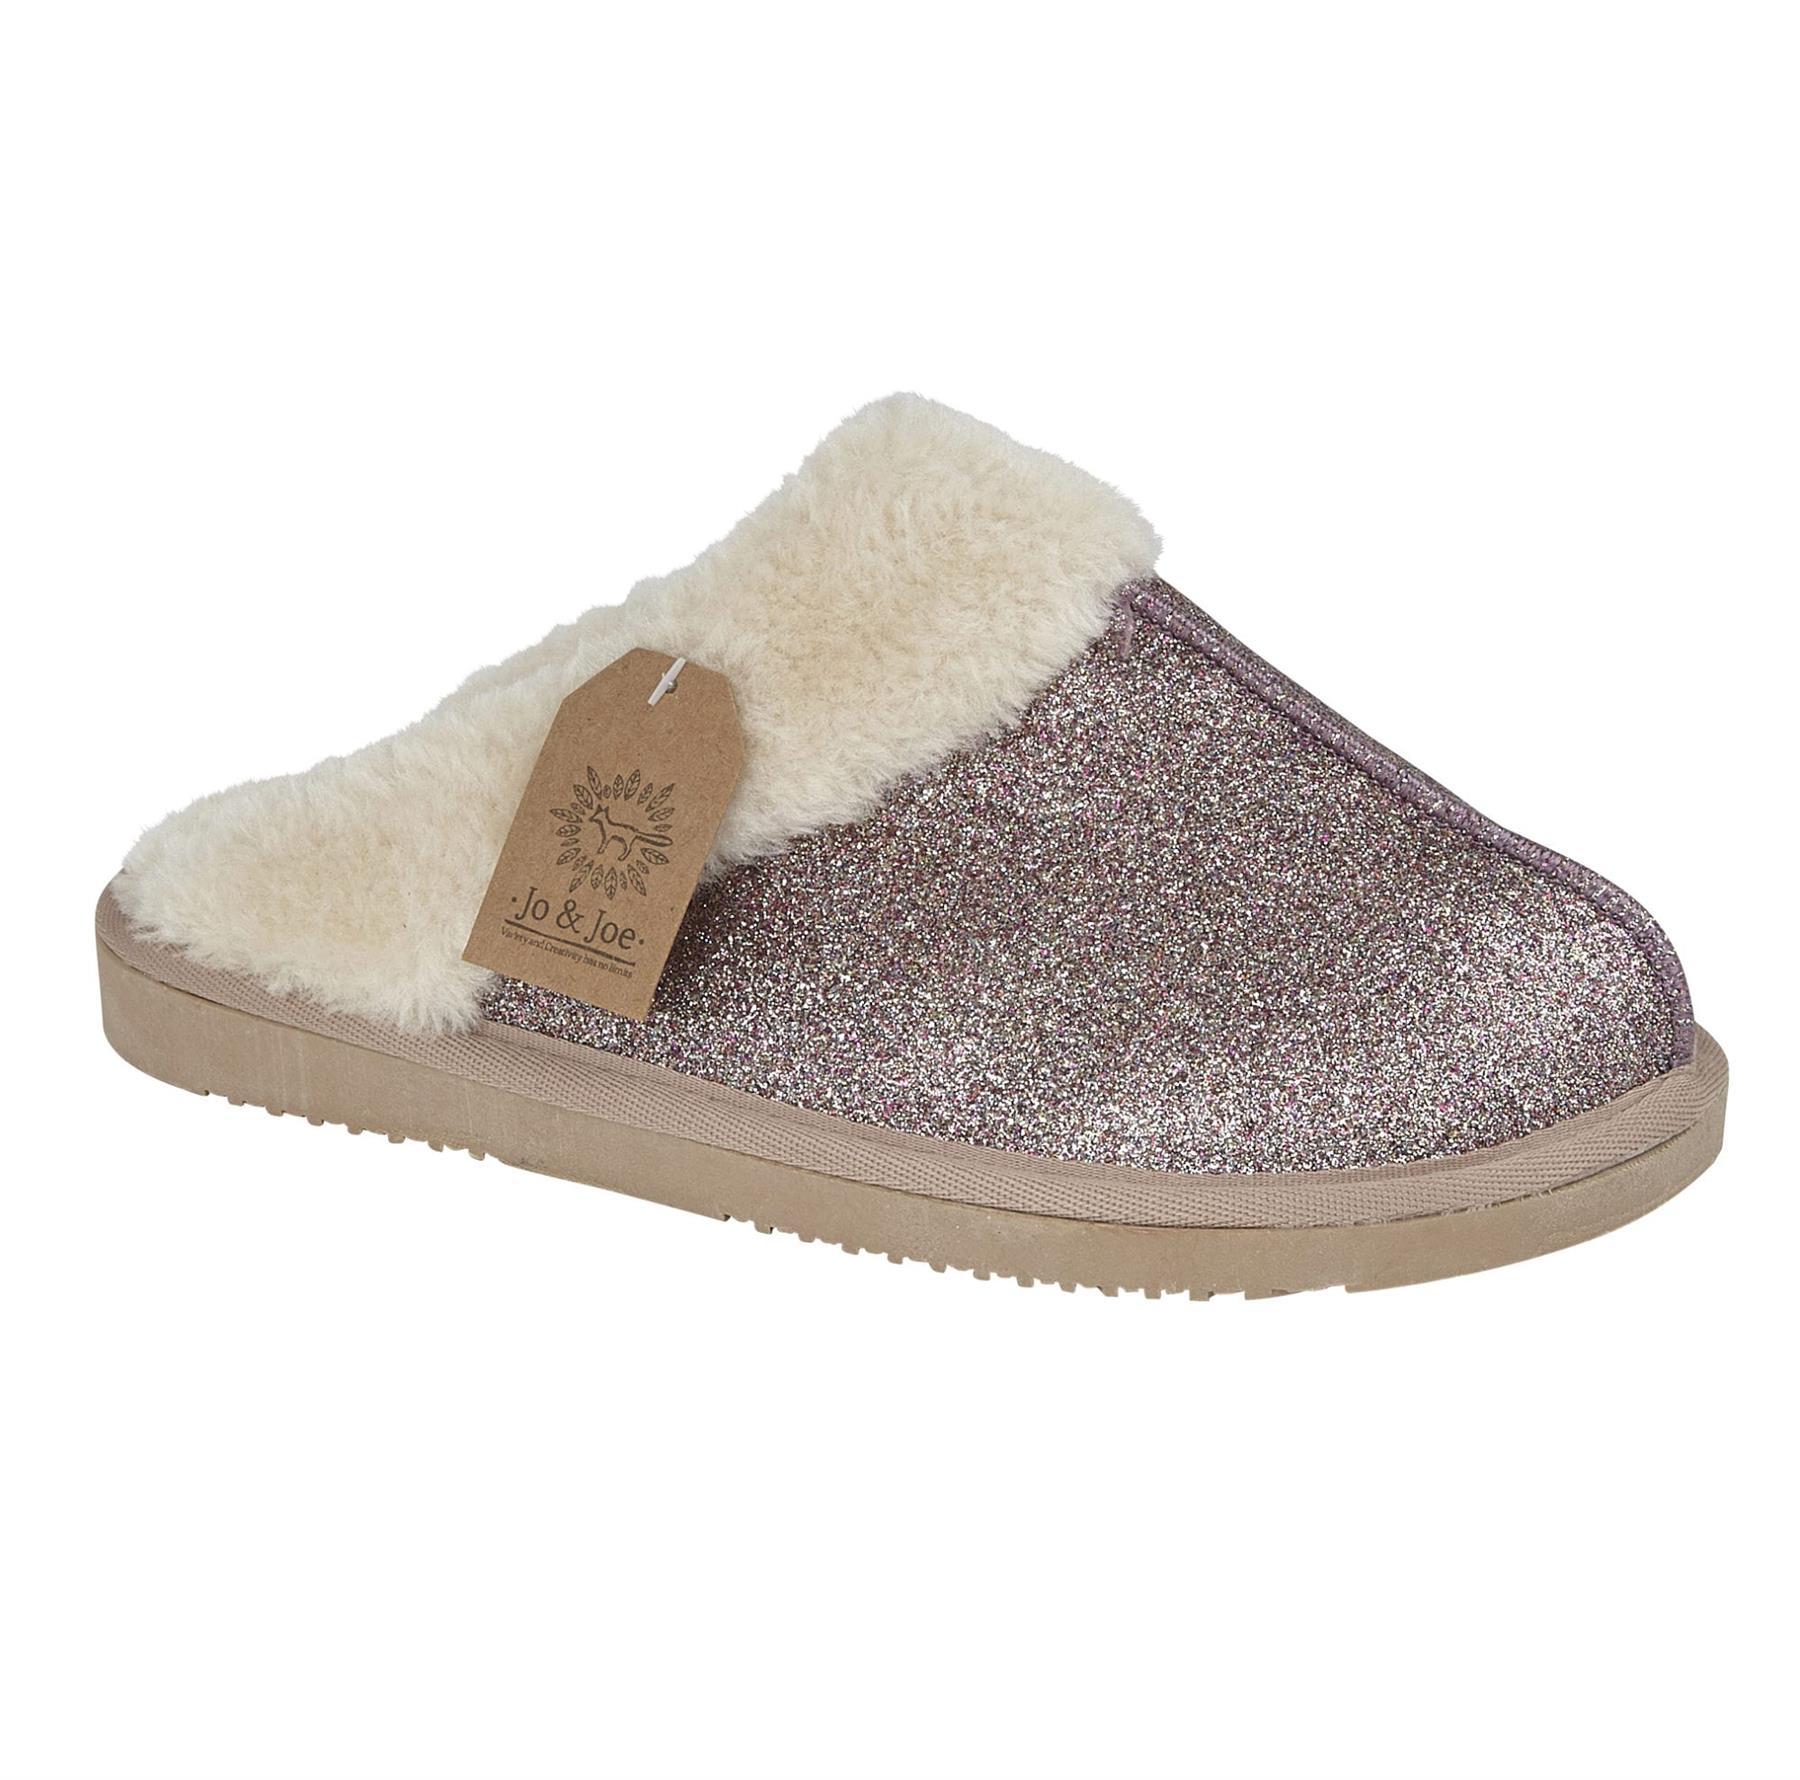 miniatuur 26 - Jo & Joe Womens Luxury Slippers Winter Warm Fur Slip On Flat Mule Bootie Girls